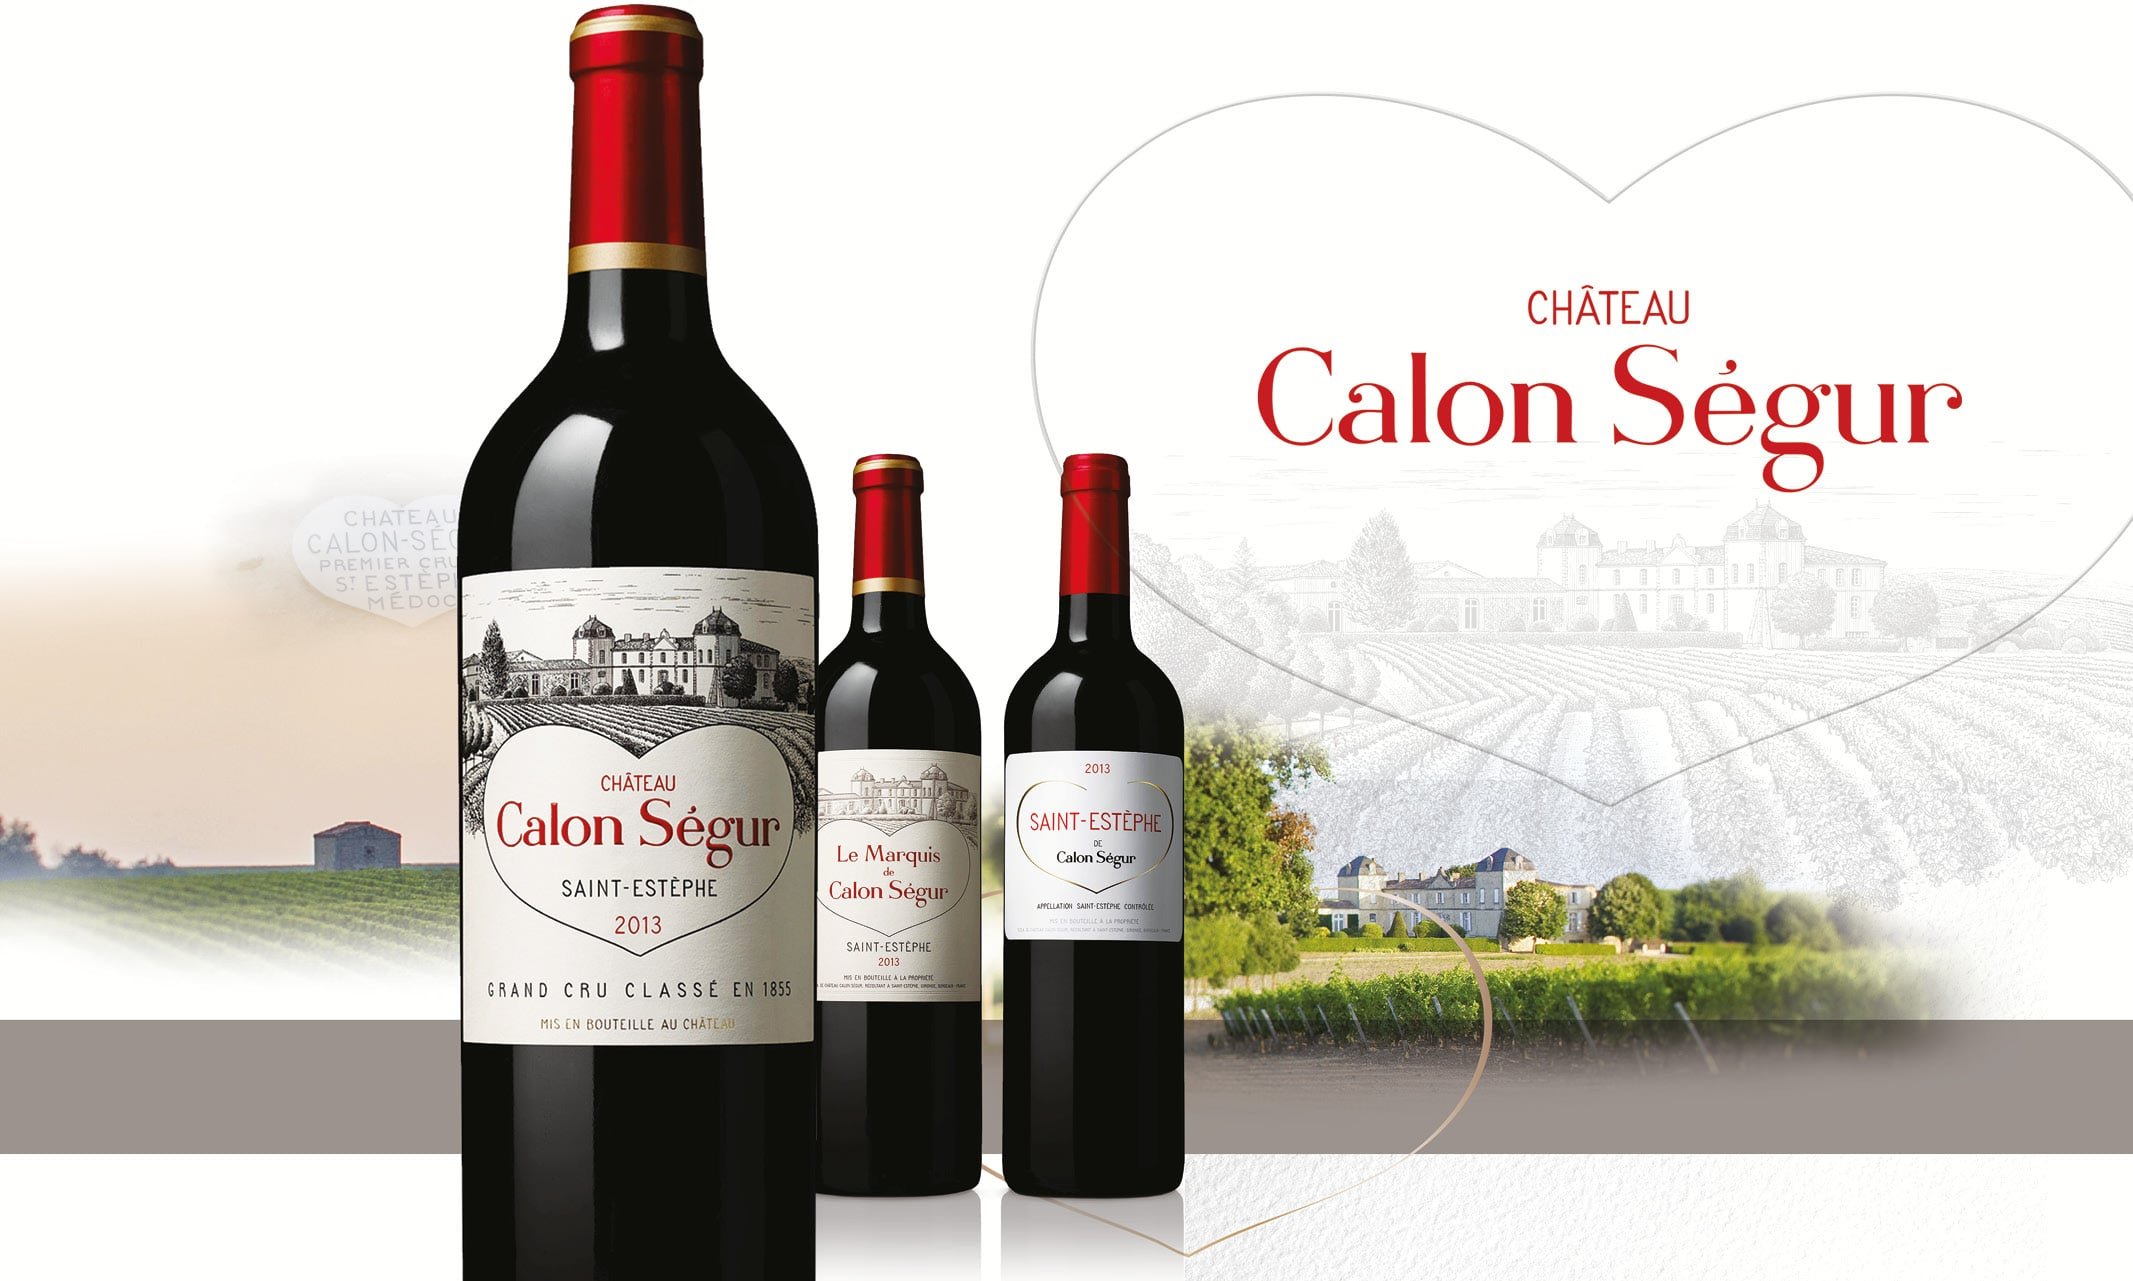 Calon Ségur identité de marque & habillage bouteilles © Médiane création